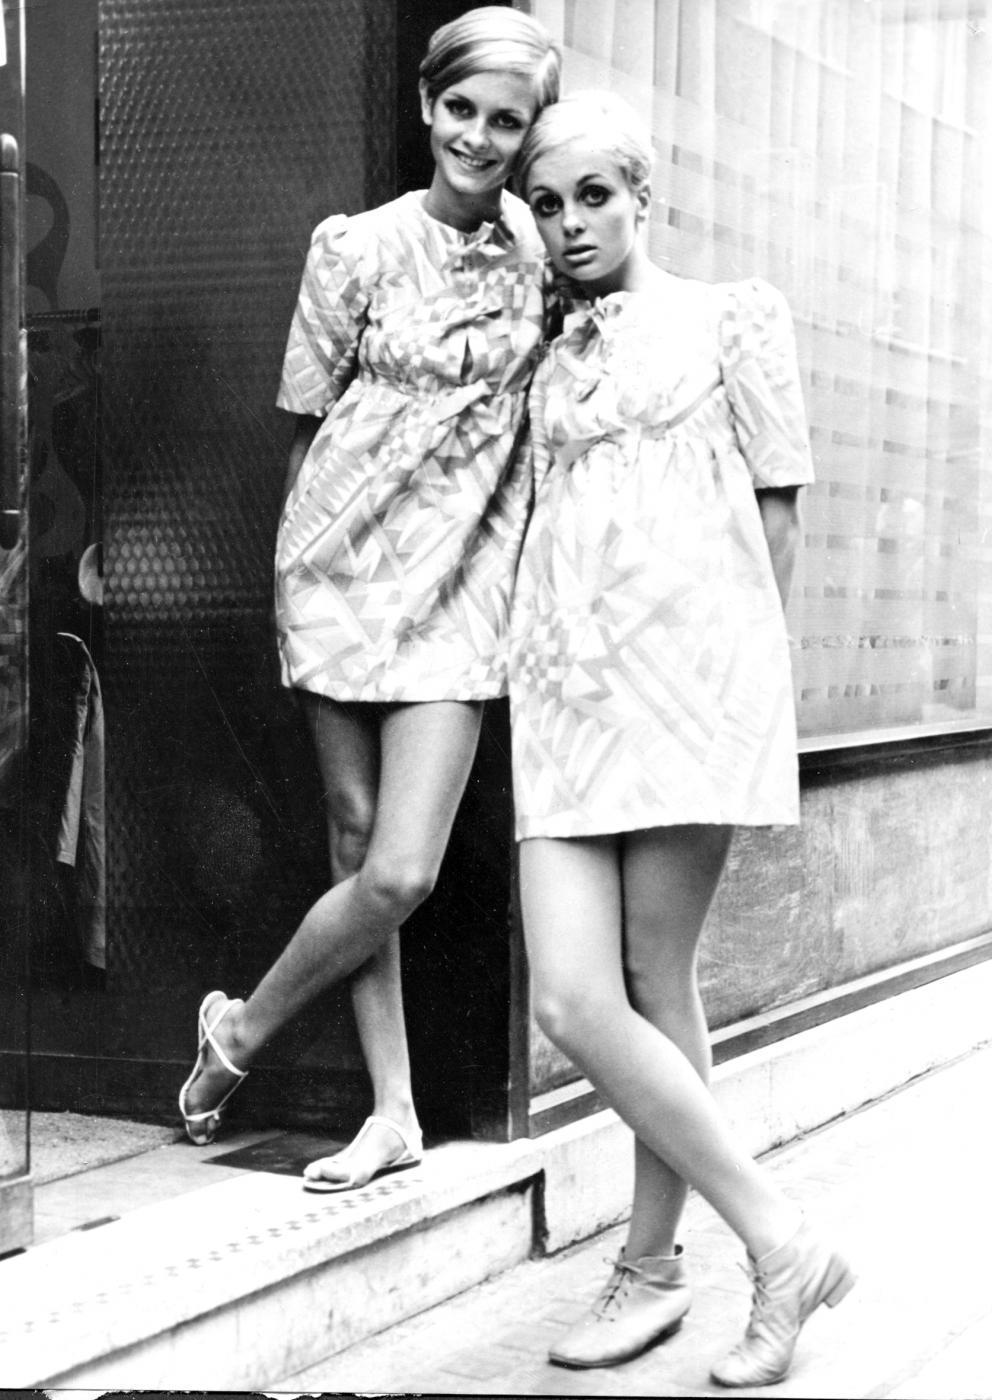 new product f1060 55bef Mary Quant, ora è la Dama della minigonna - Photogallery ...